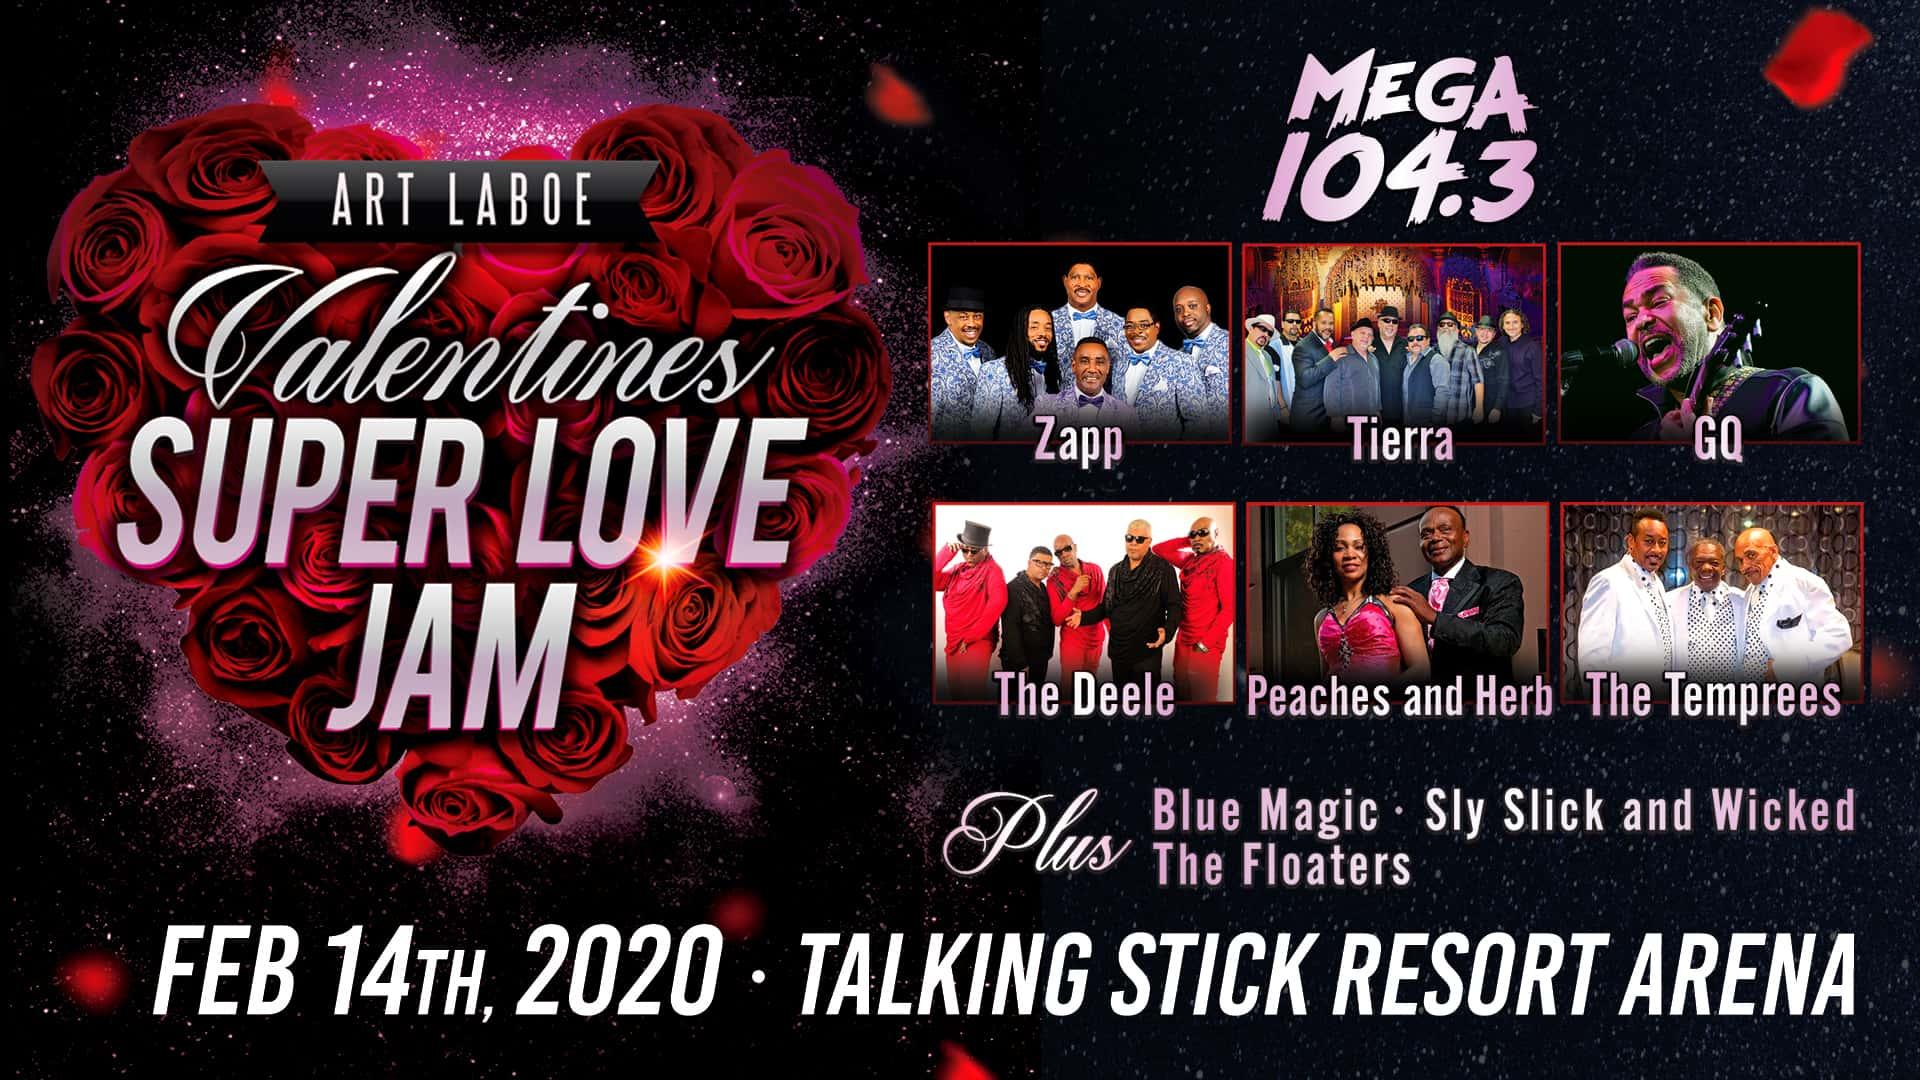 Valentines Super Love Jam | Mega 104.3